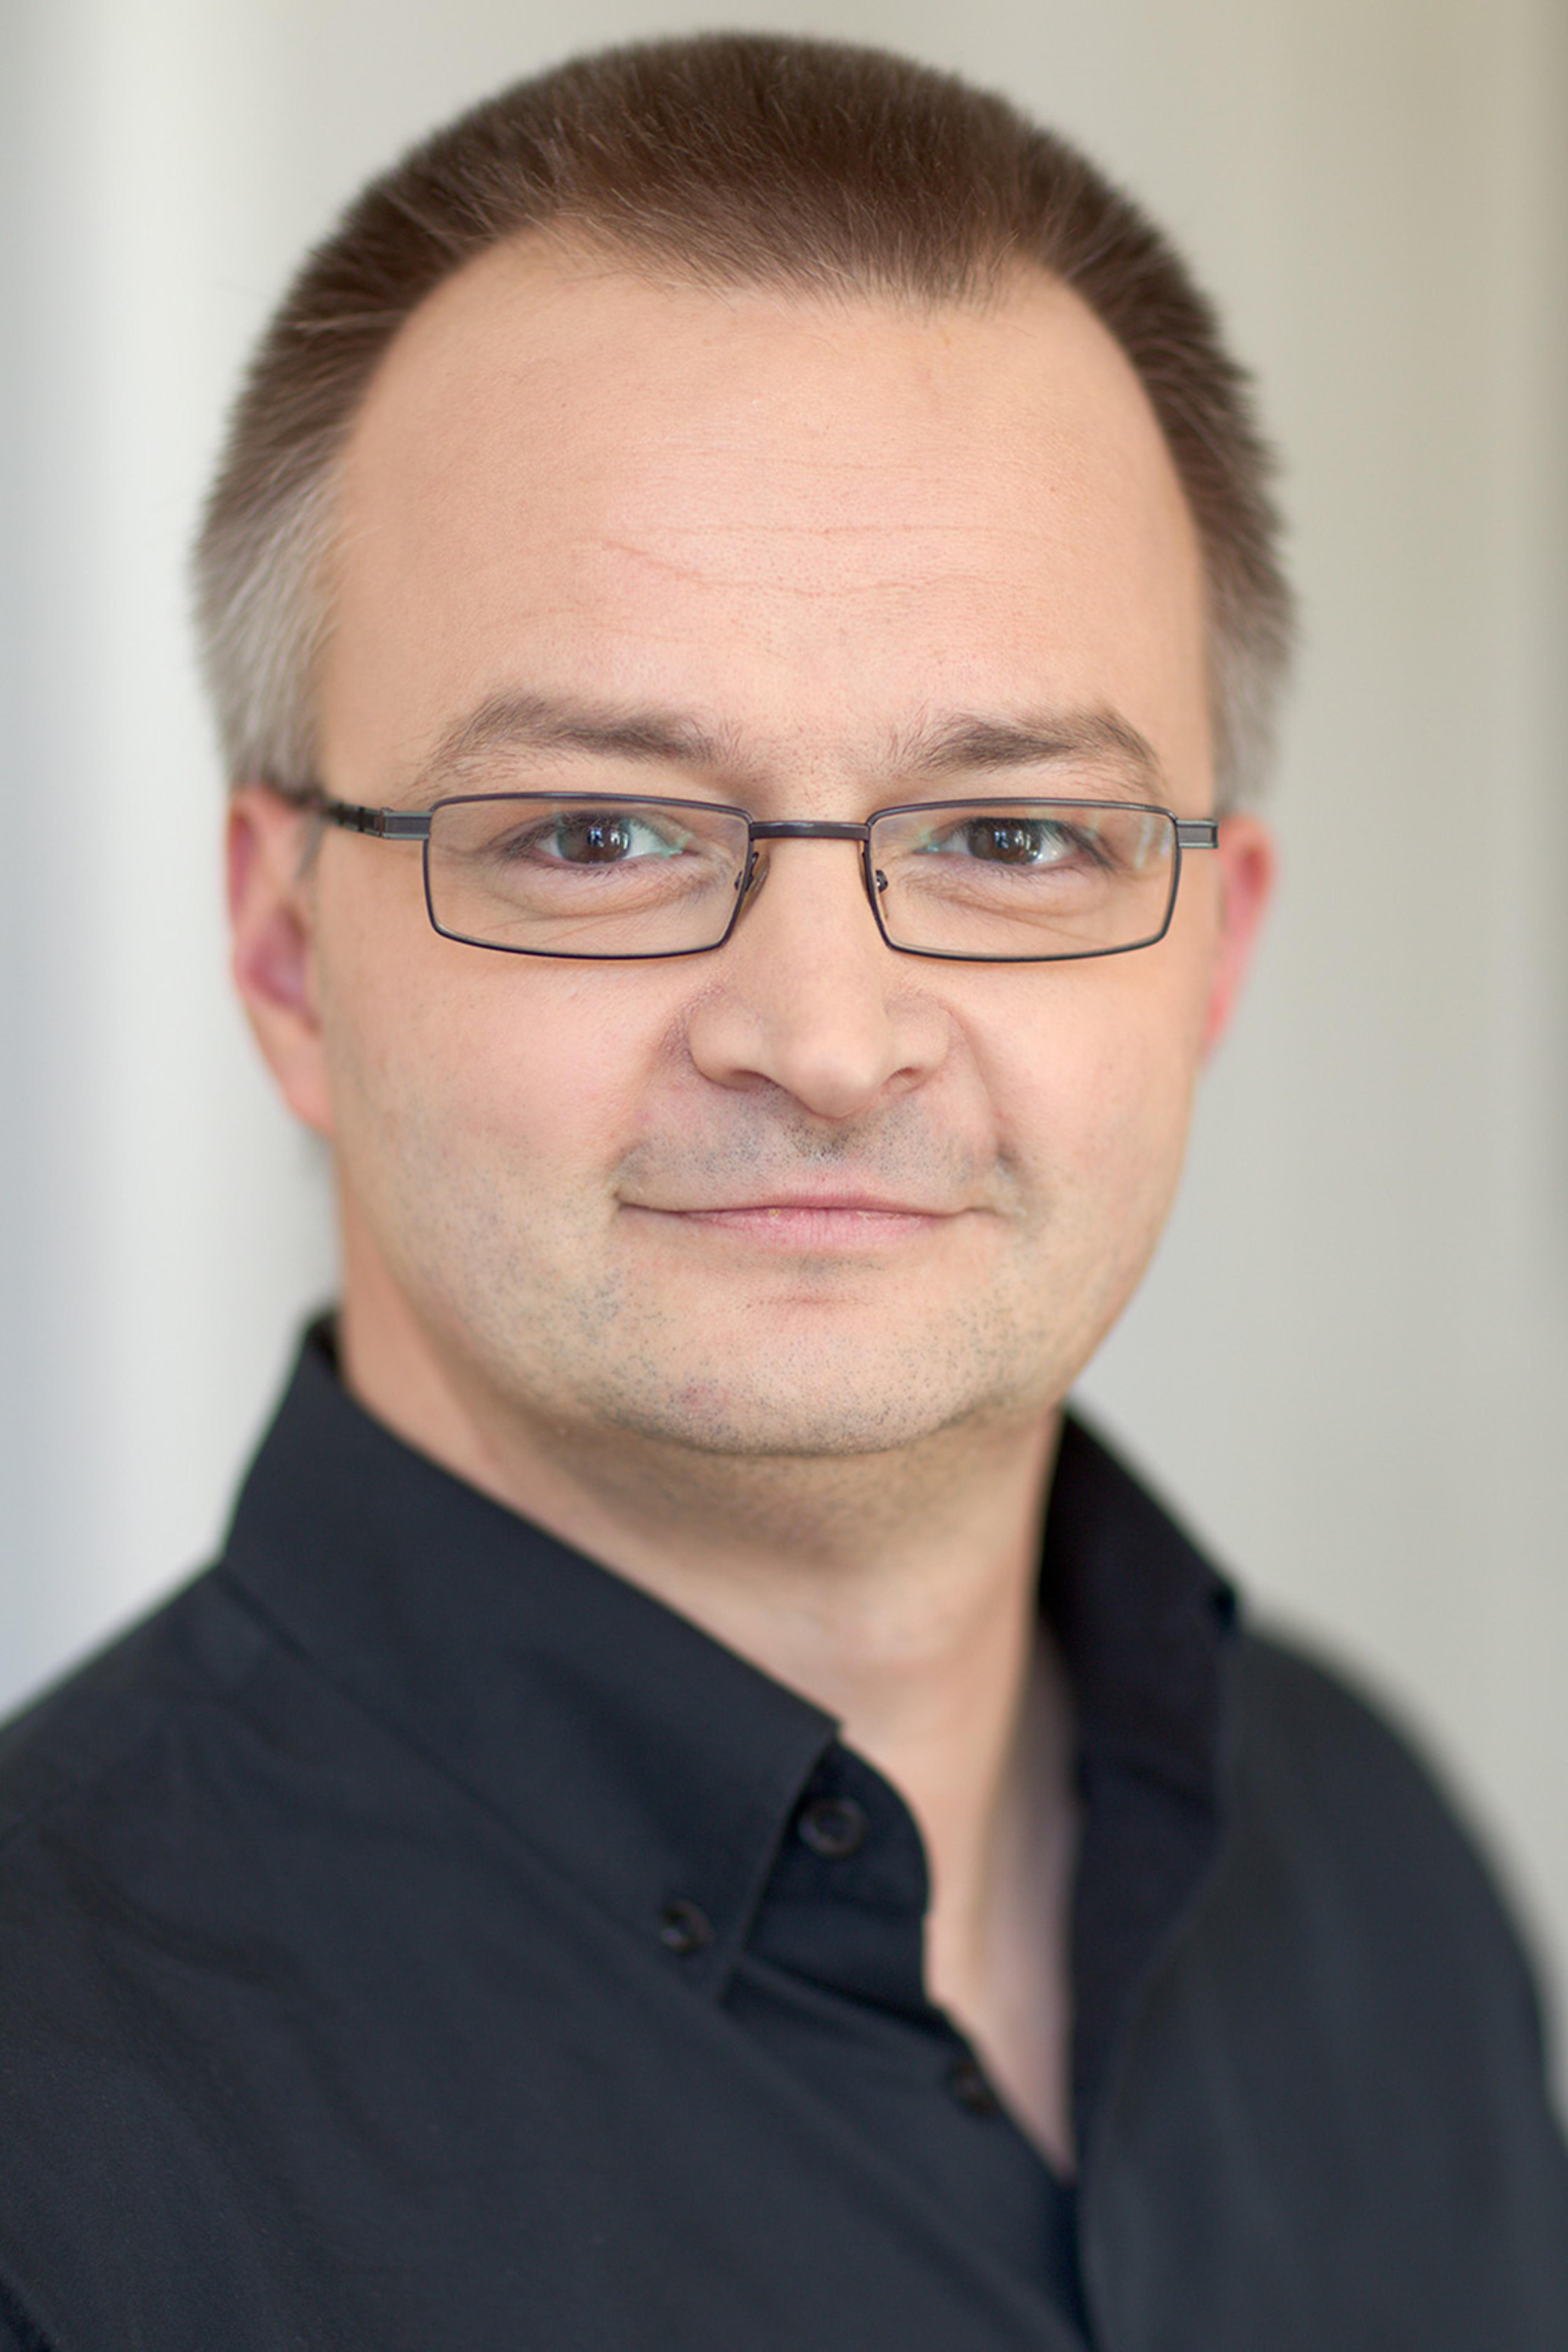 """Andreas Gauger, Mitgründer und CMO von Profitbricks, sieht in der neuen Datenschutzvereinbarung """"Privacy Shield"""" keinen Fortschritt. (Bild: Profitbricks)"""